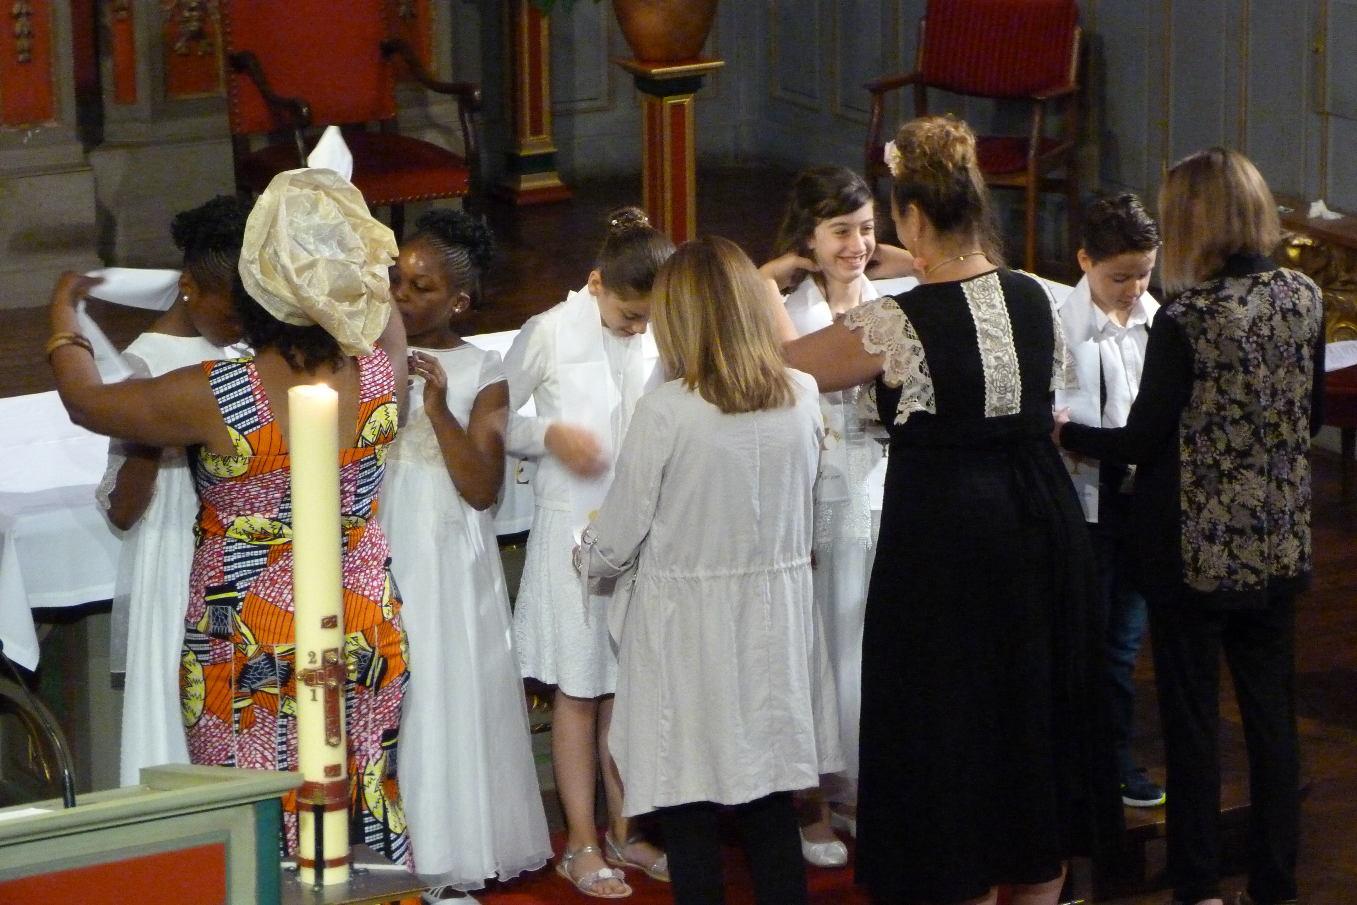 Les marraines revêtent leur filleul(e) du linge blanc, à leur prénom et  brodé des signes de l'Eucharistie. Ils ont revêtu le Christ